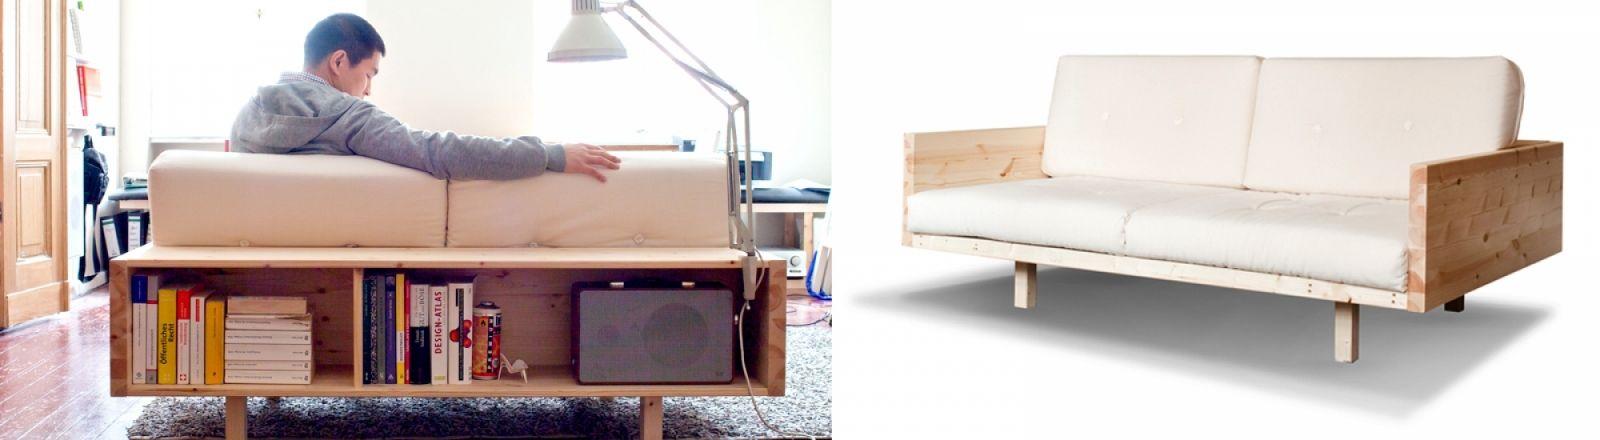 SiWo Sofa Oder Draper Couch? Was Hälst Du Von Der Couch?